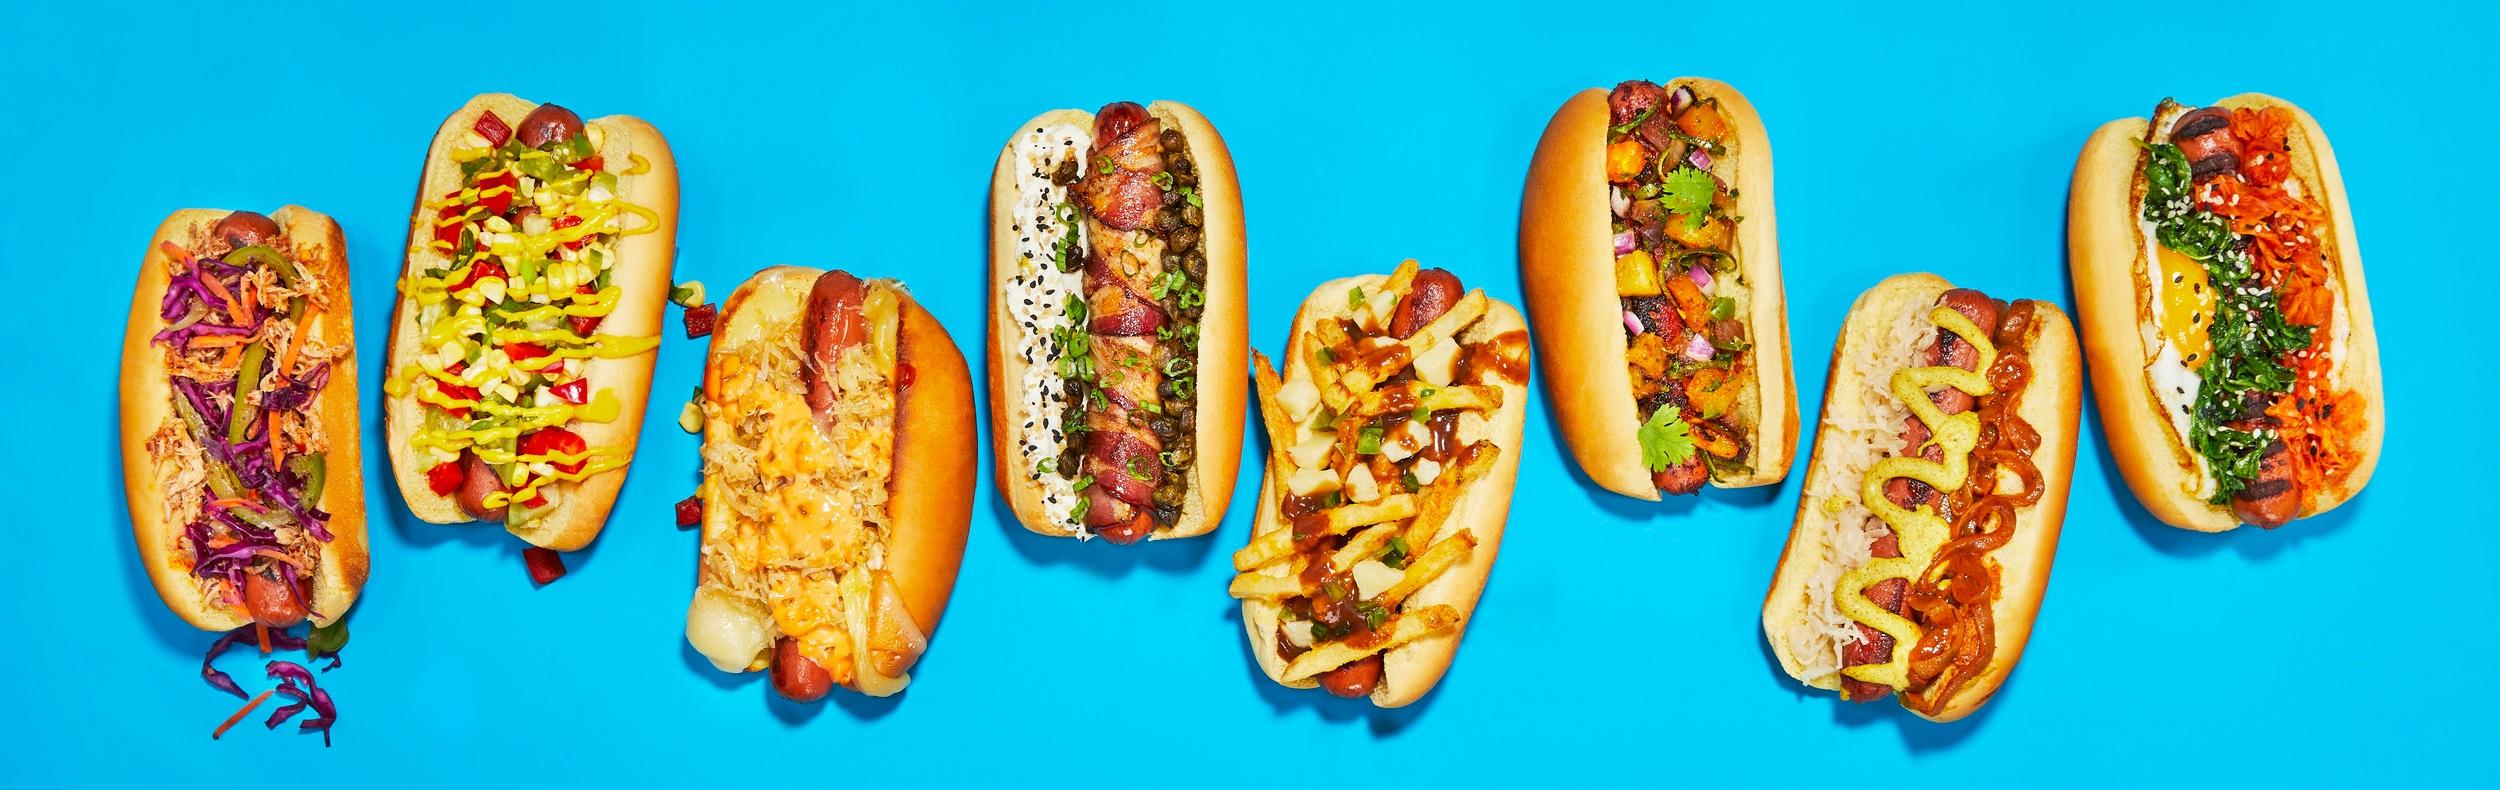 Hotdogs_Hero_16x9.jpg